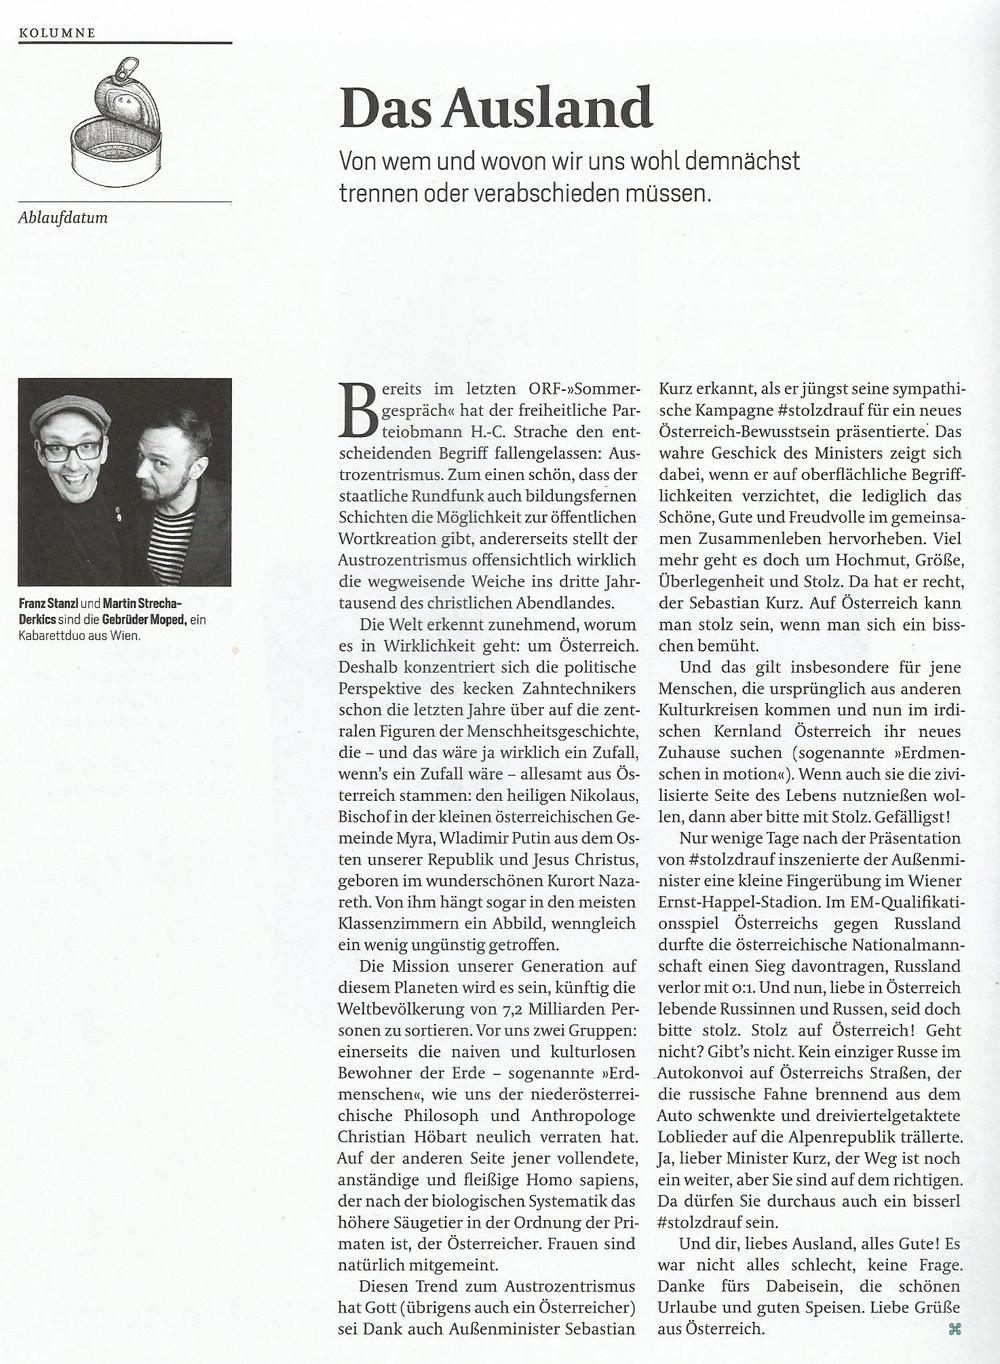 """Kolumne """"Ablaufdatum"""" im DATUM 12/2014"""